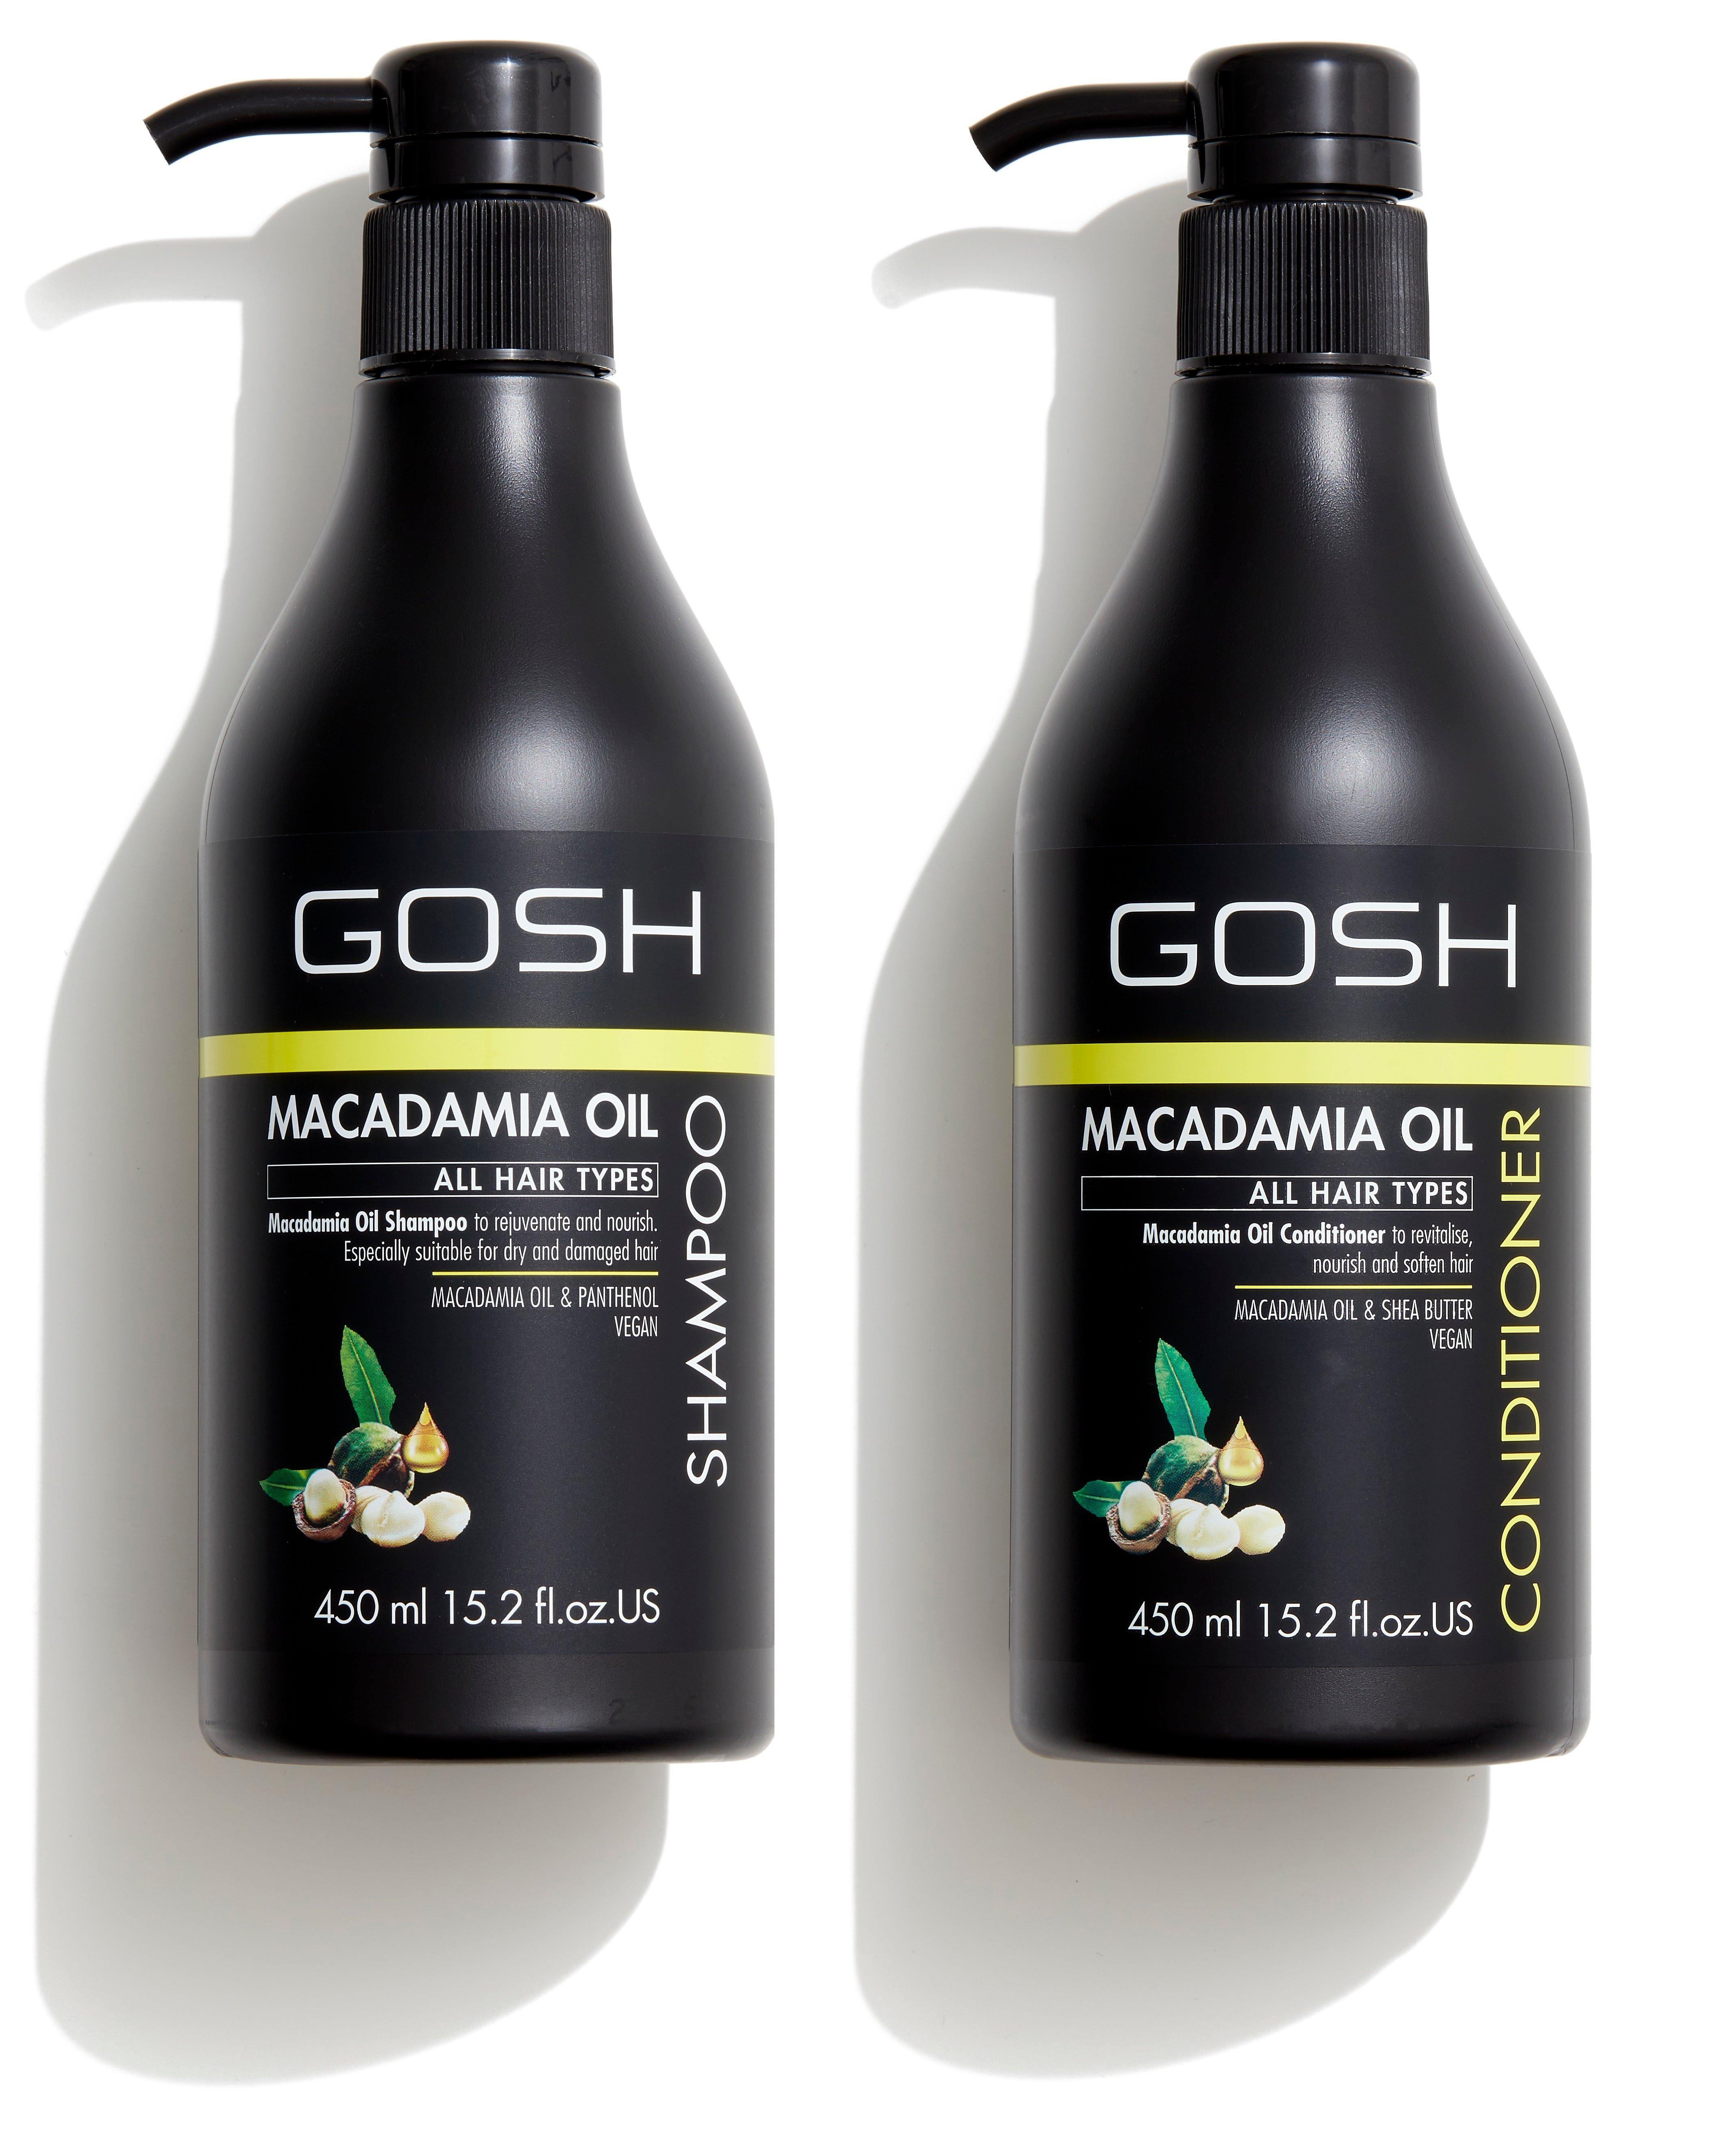 GOSH - Macadamia Oil Shampoo 450 ml + Macadamia Oil Conditioner 450 ml